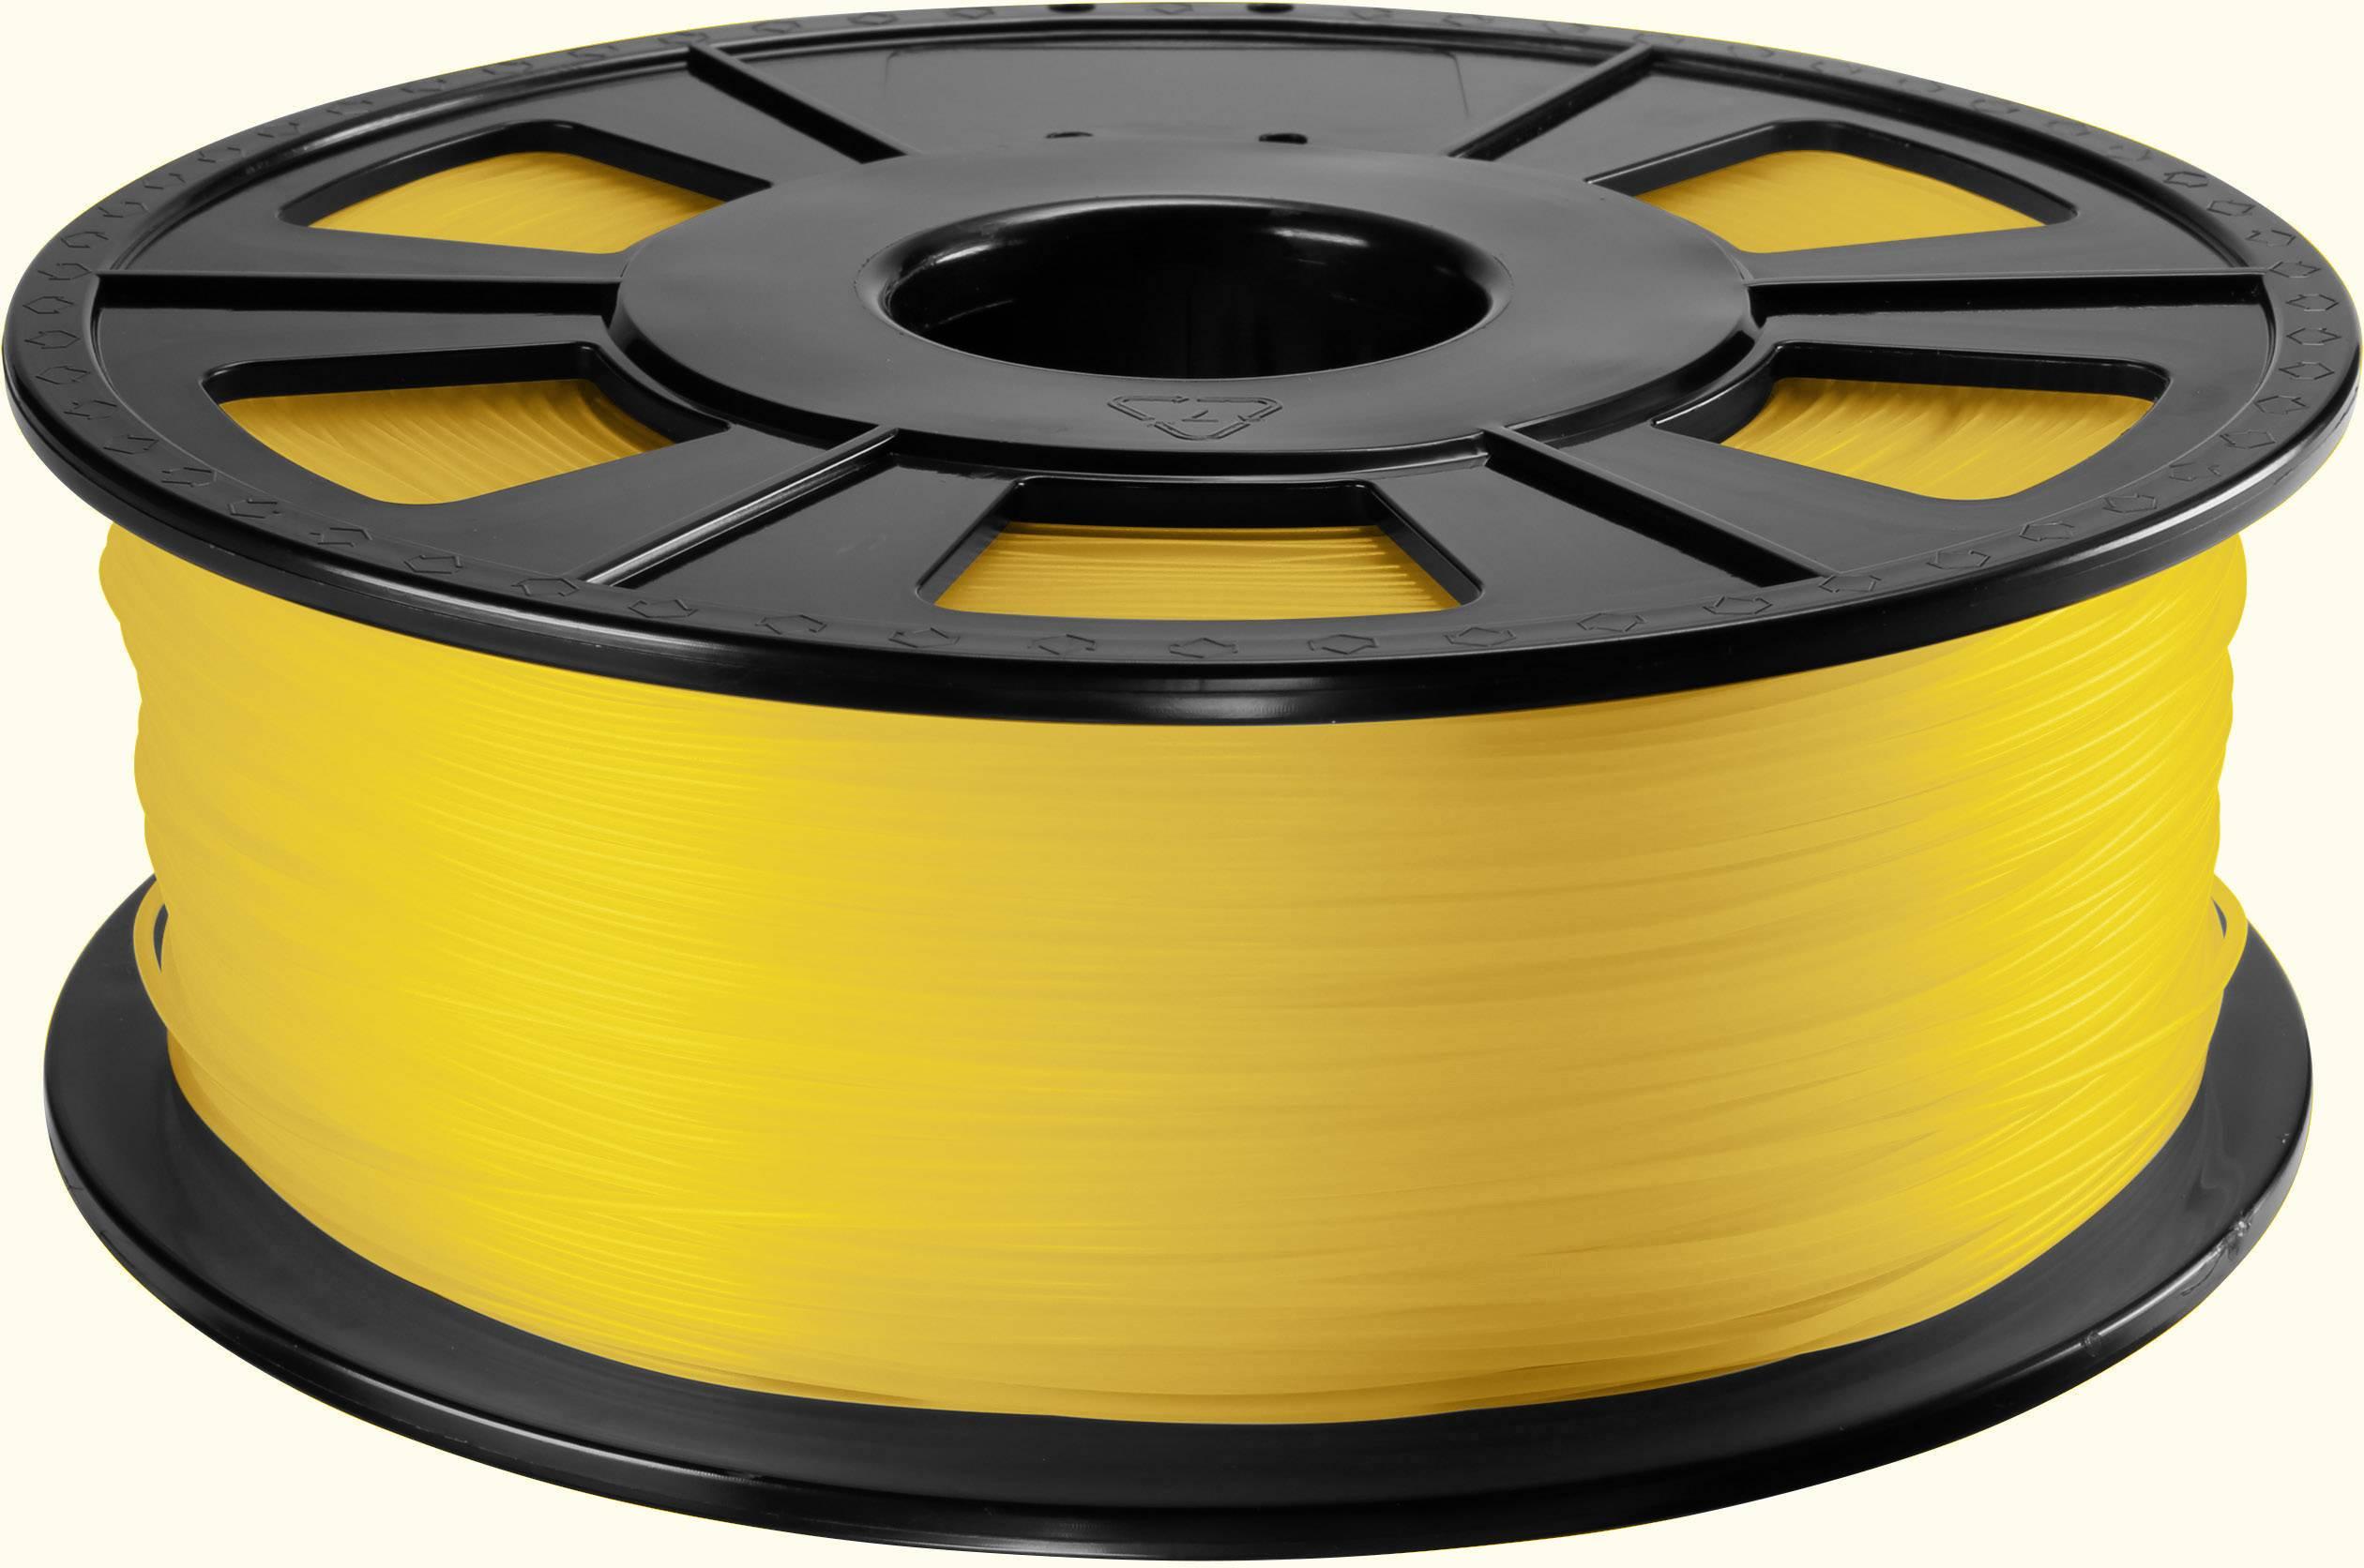 Vlákno pro 3D tiskárny Renkforce 01.04.12.1212, ABS plast, 2.85 mm, 1 kg, žlutá